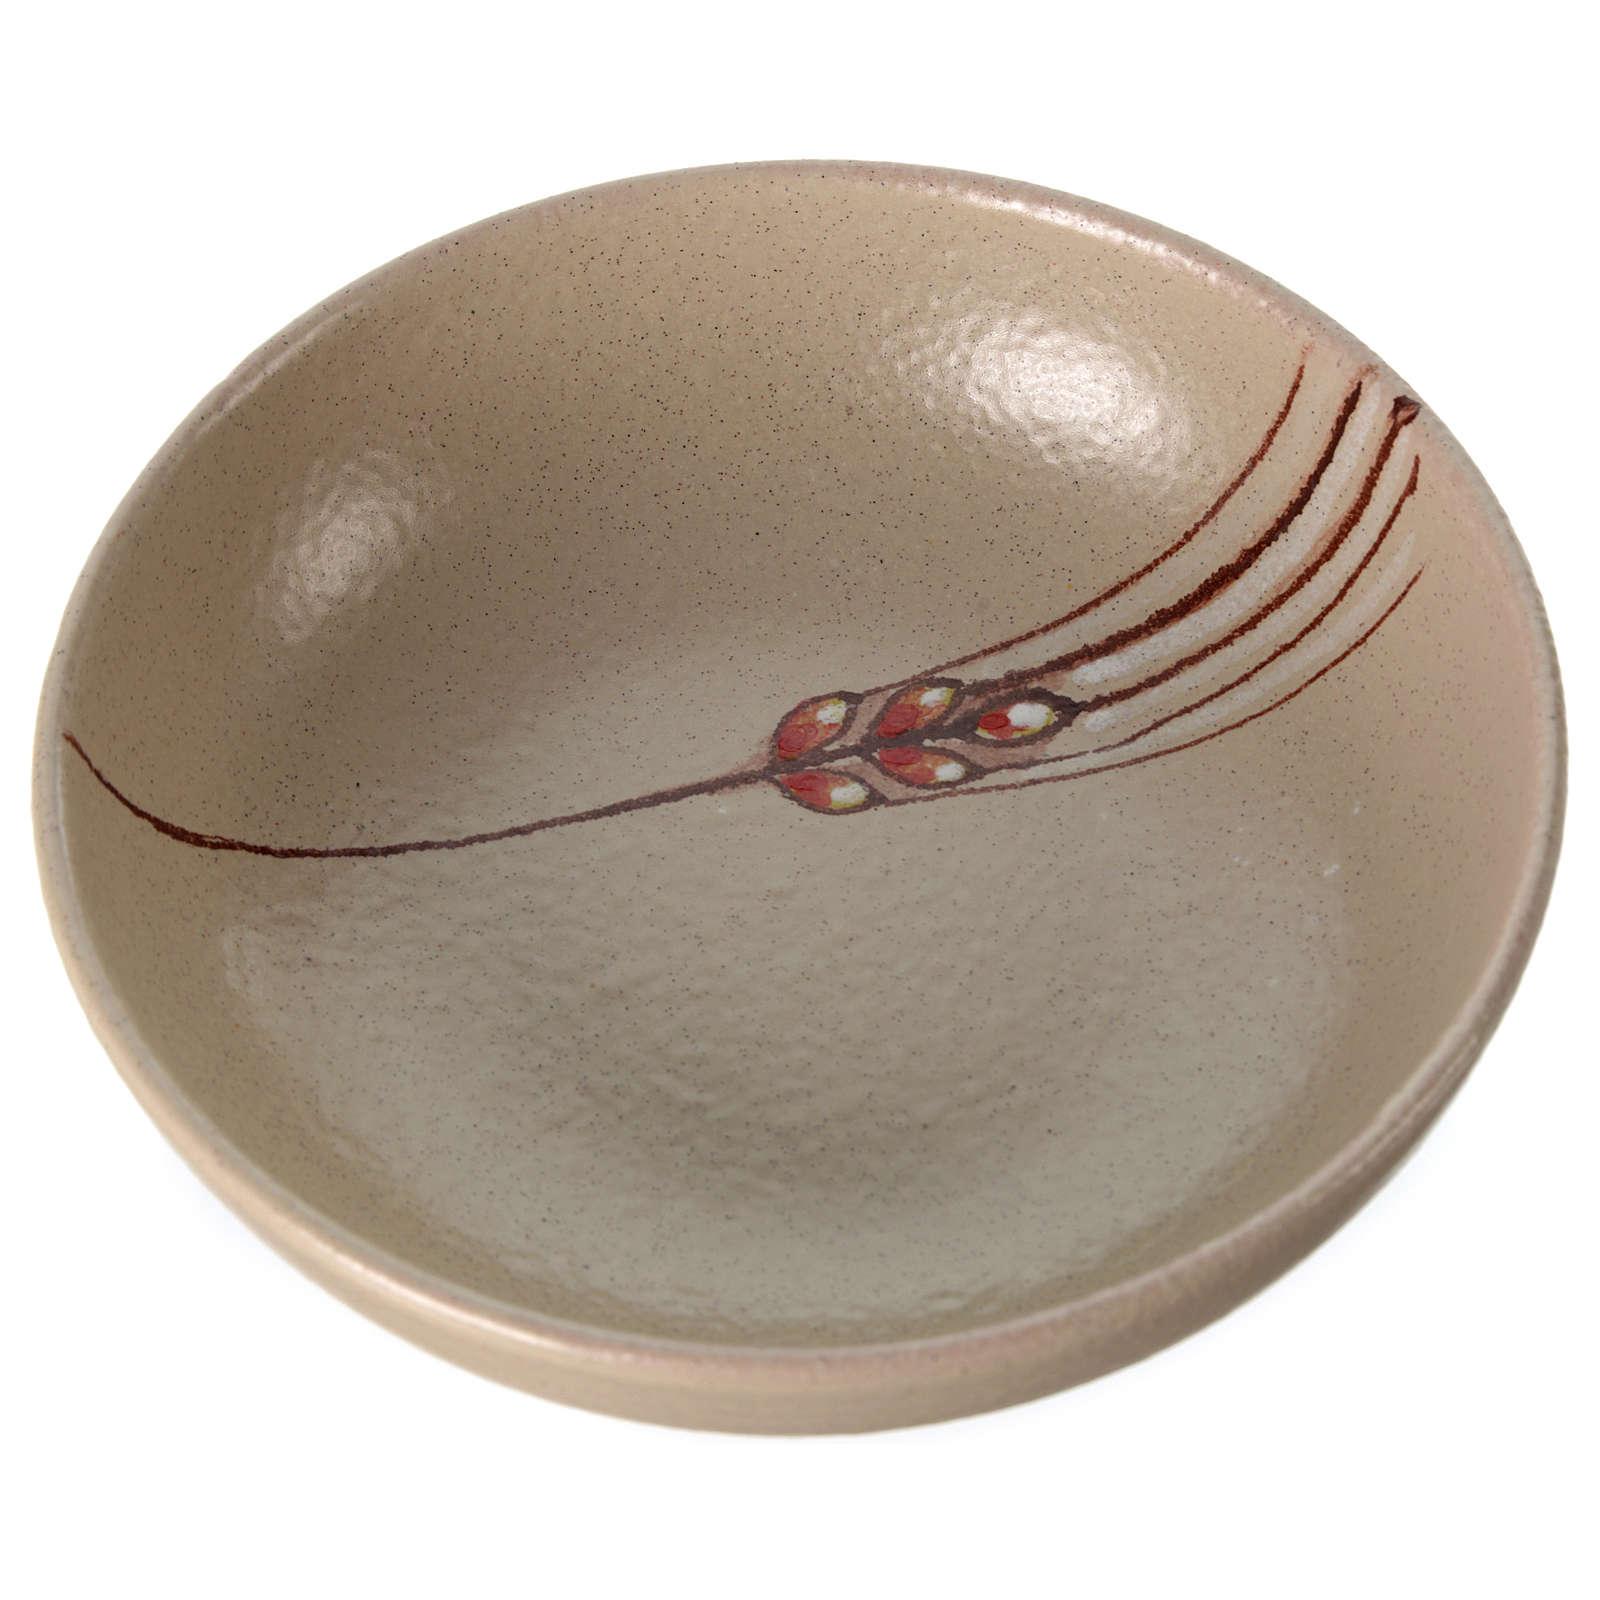 Patena ceramica diam cm 16 beige 4